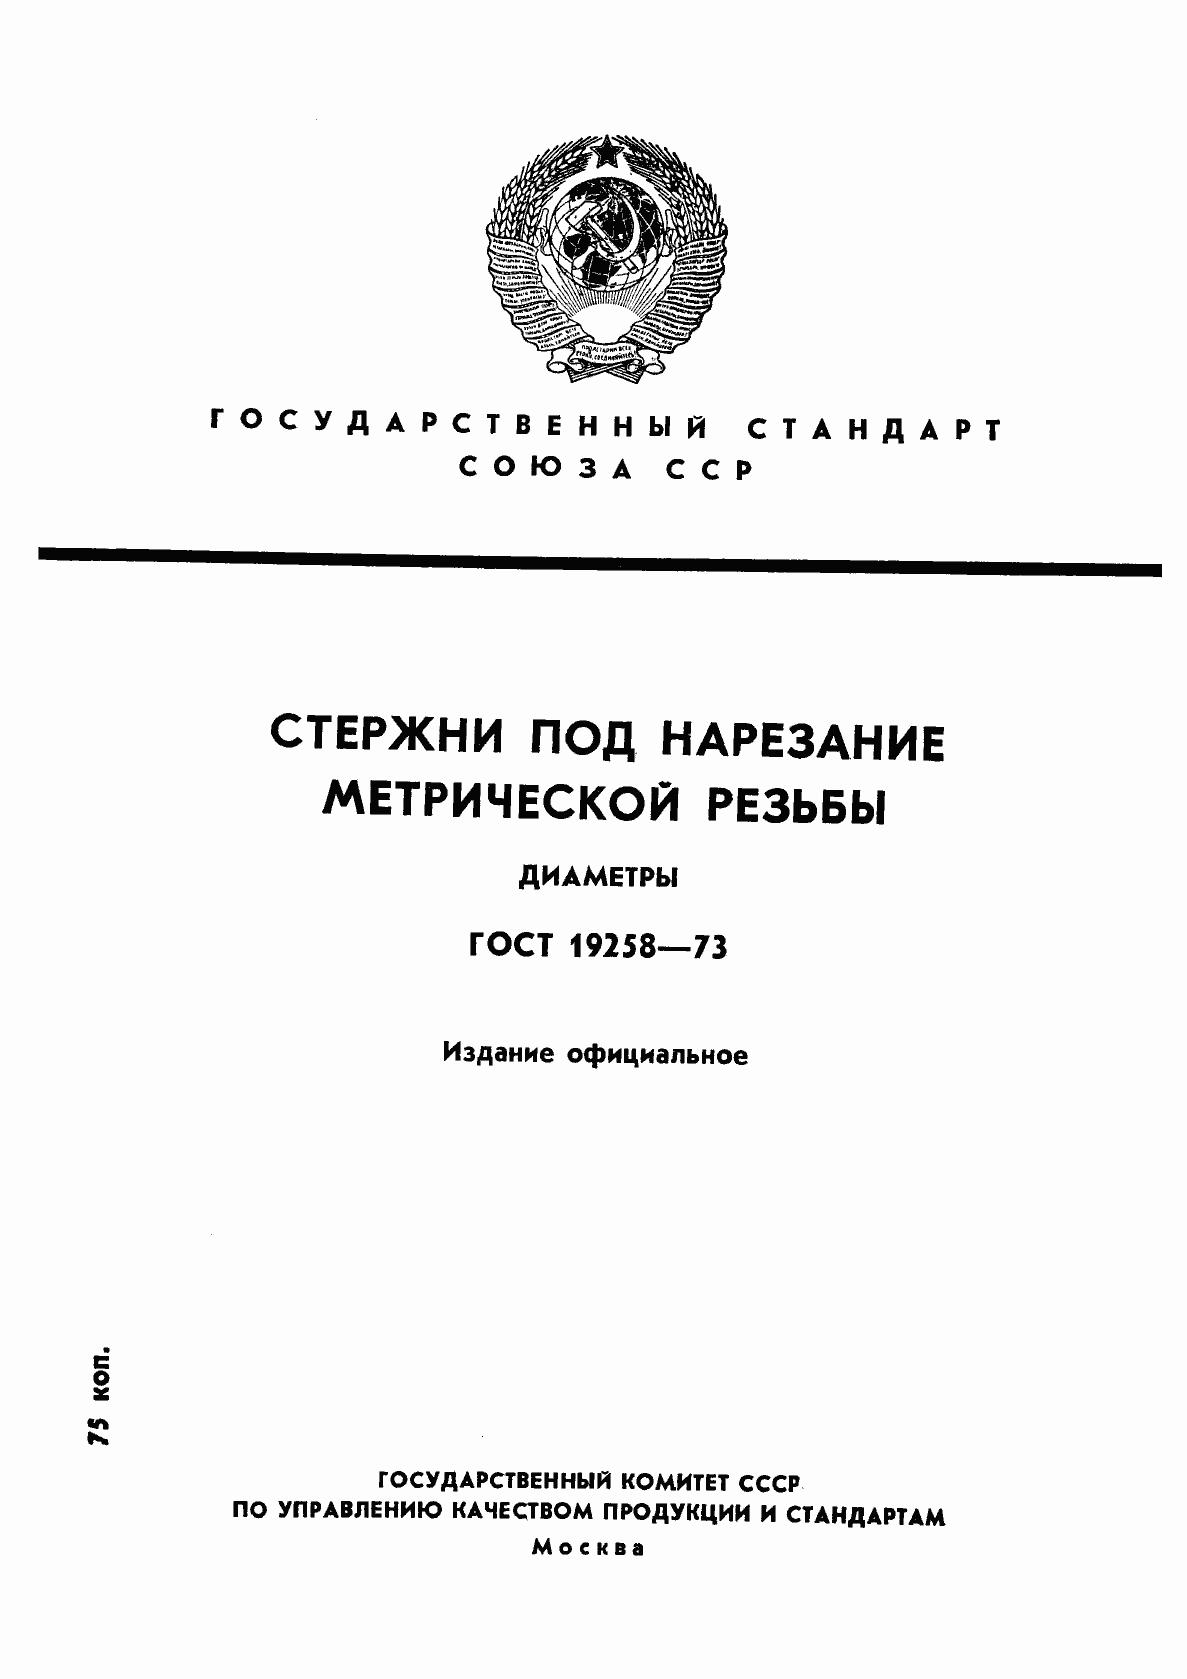 ГОСТ 19258-73. Страница 1